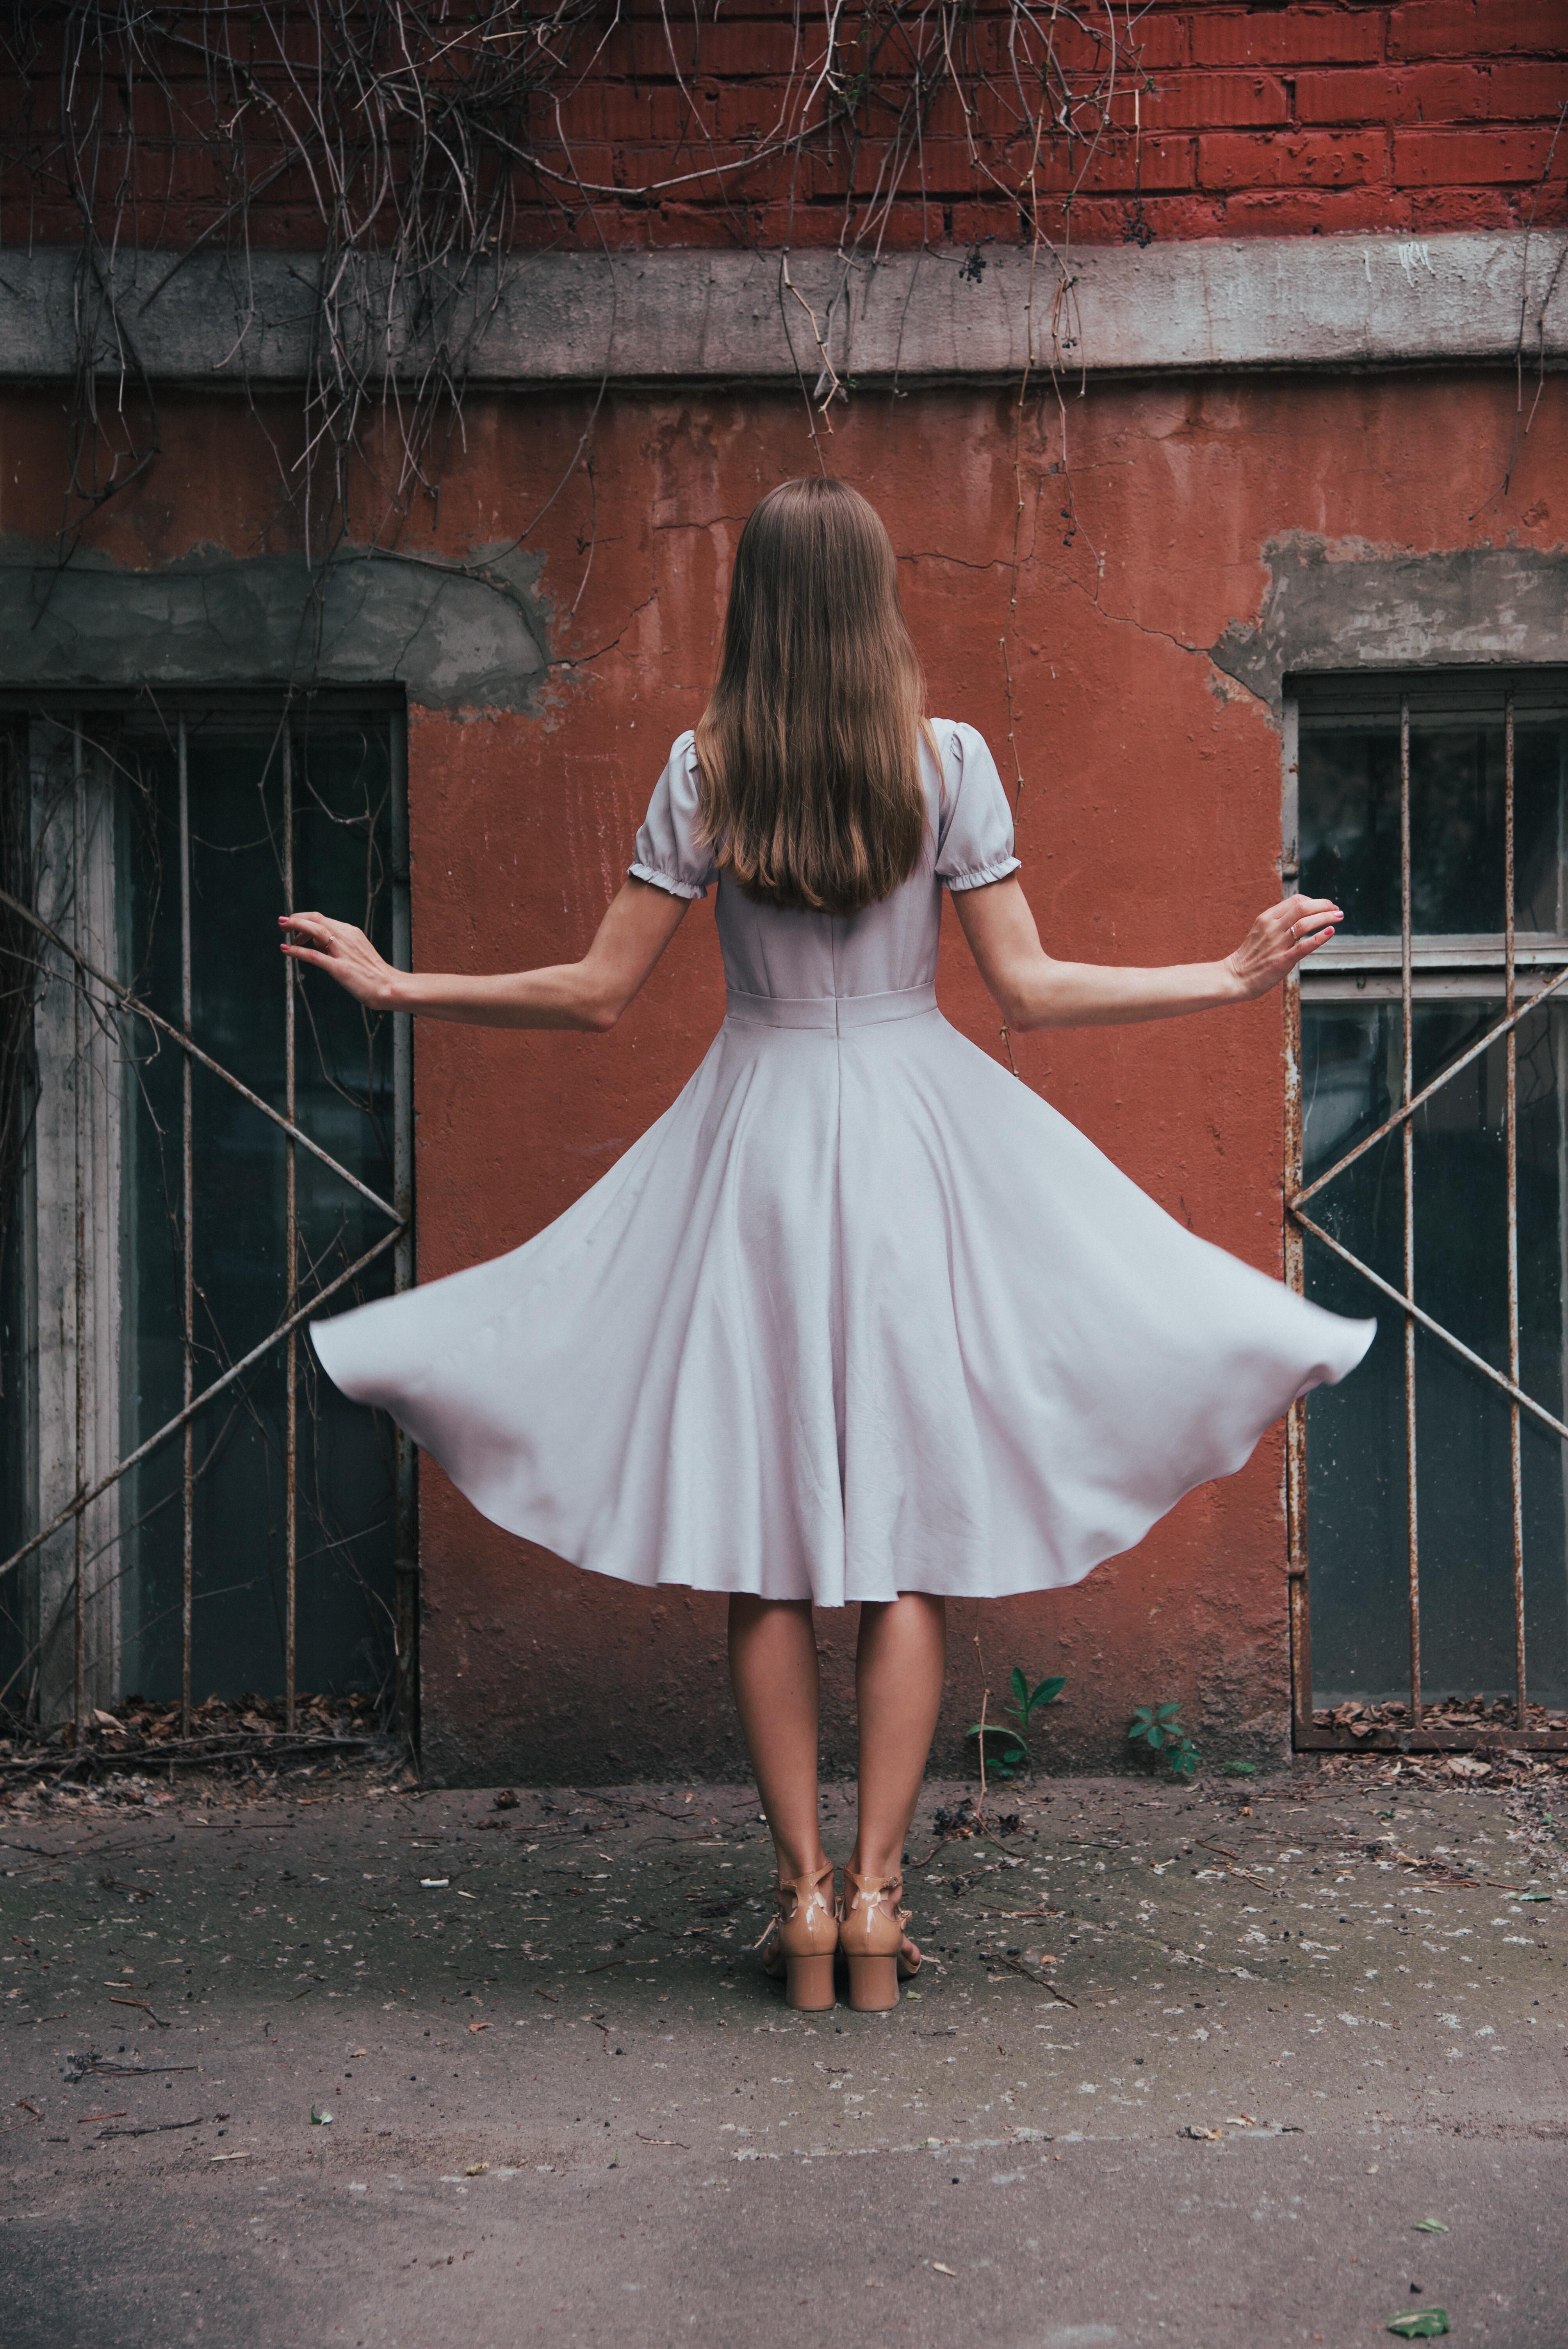 Почему ты летаешь во сне: тревога, надежда и новые возможности